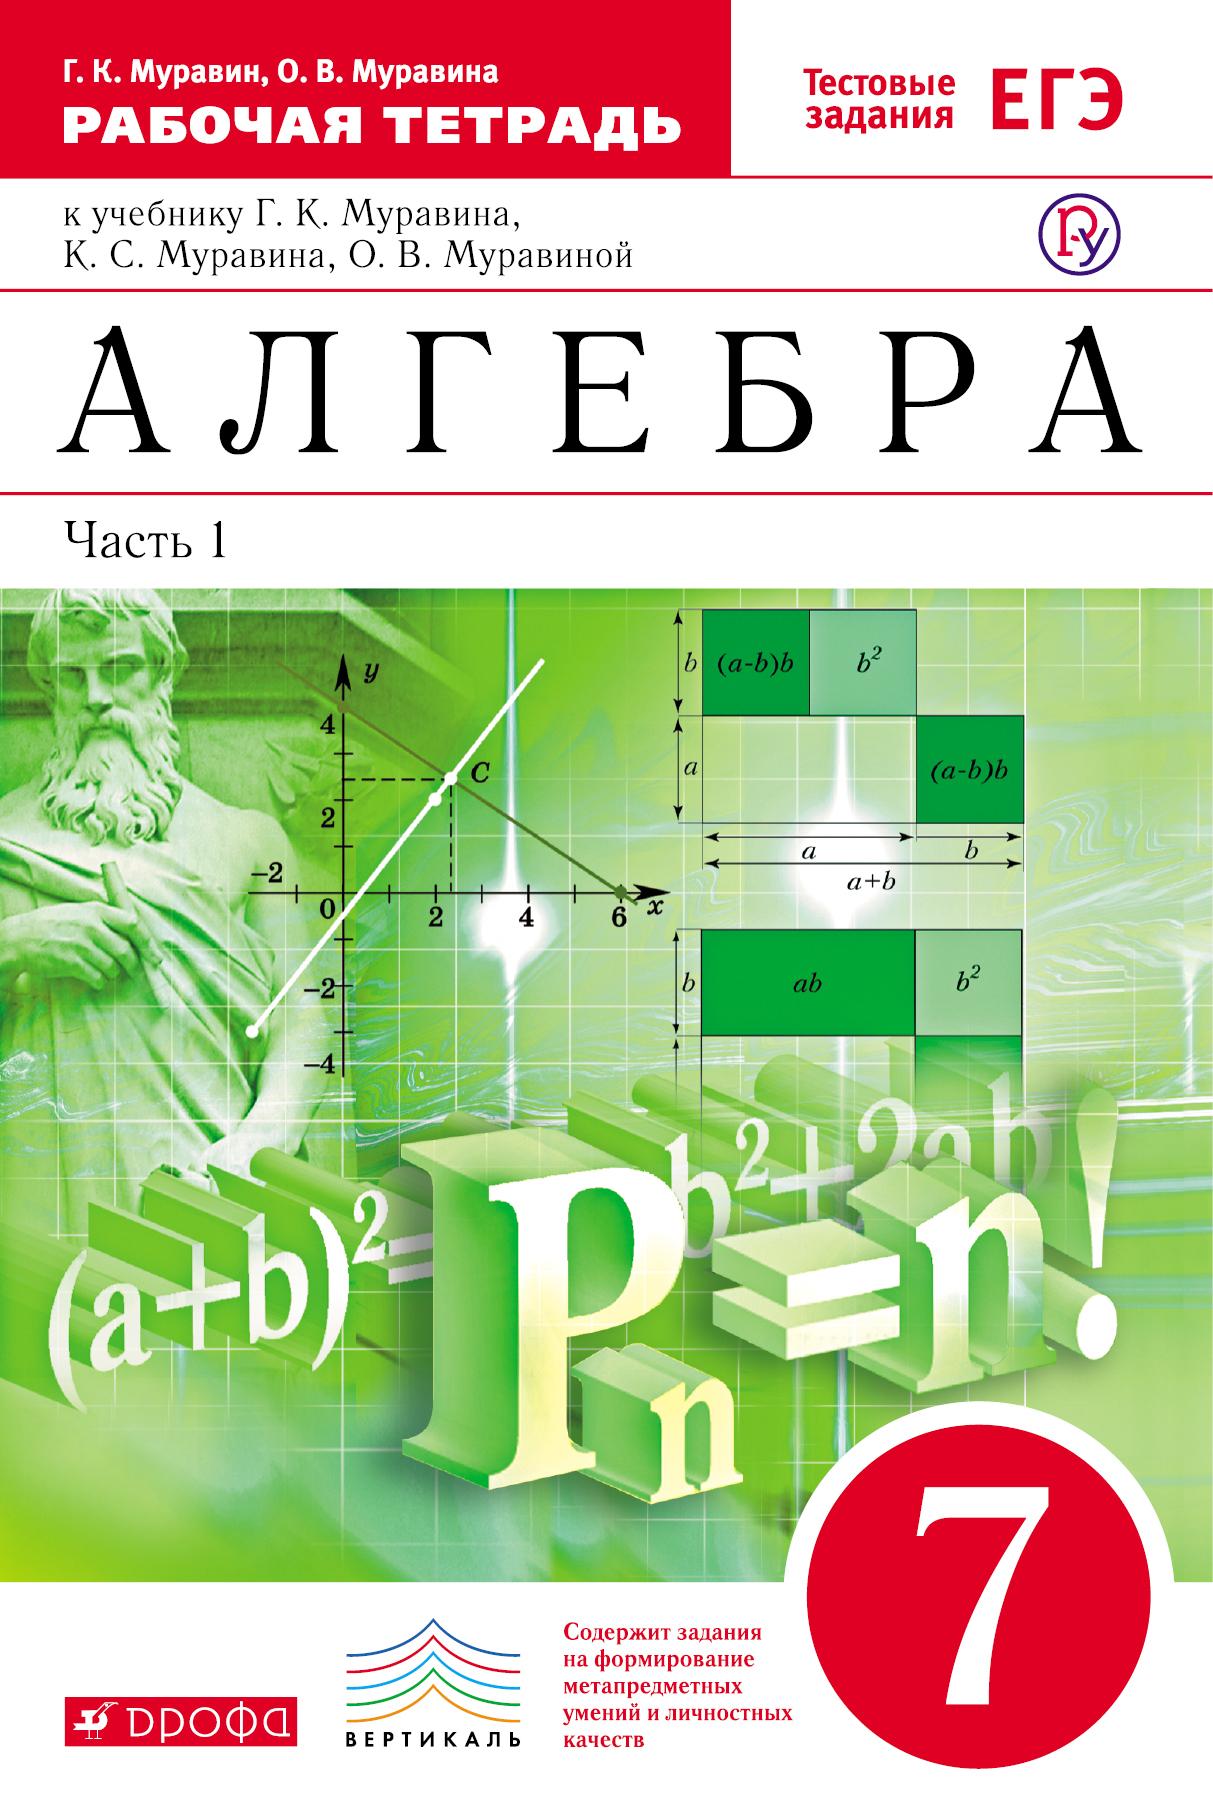 Алгебра. 7 класс. Рабочая тетрадь.Часть1 (С тестовыми заданиями ЕГЭ). ( Муравин Г.К., Муравина О.В.  )